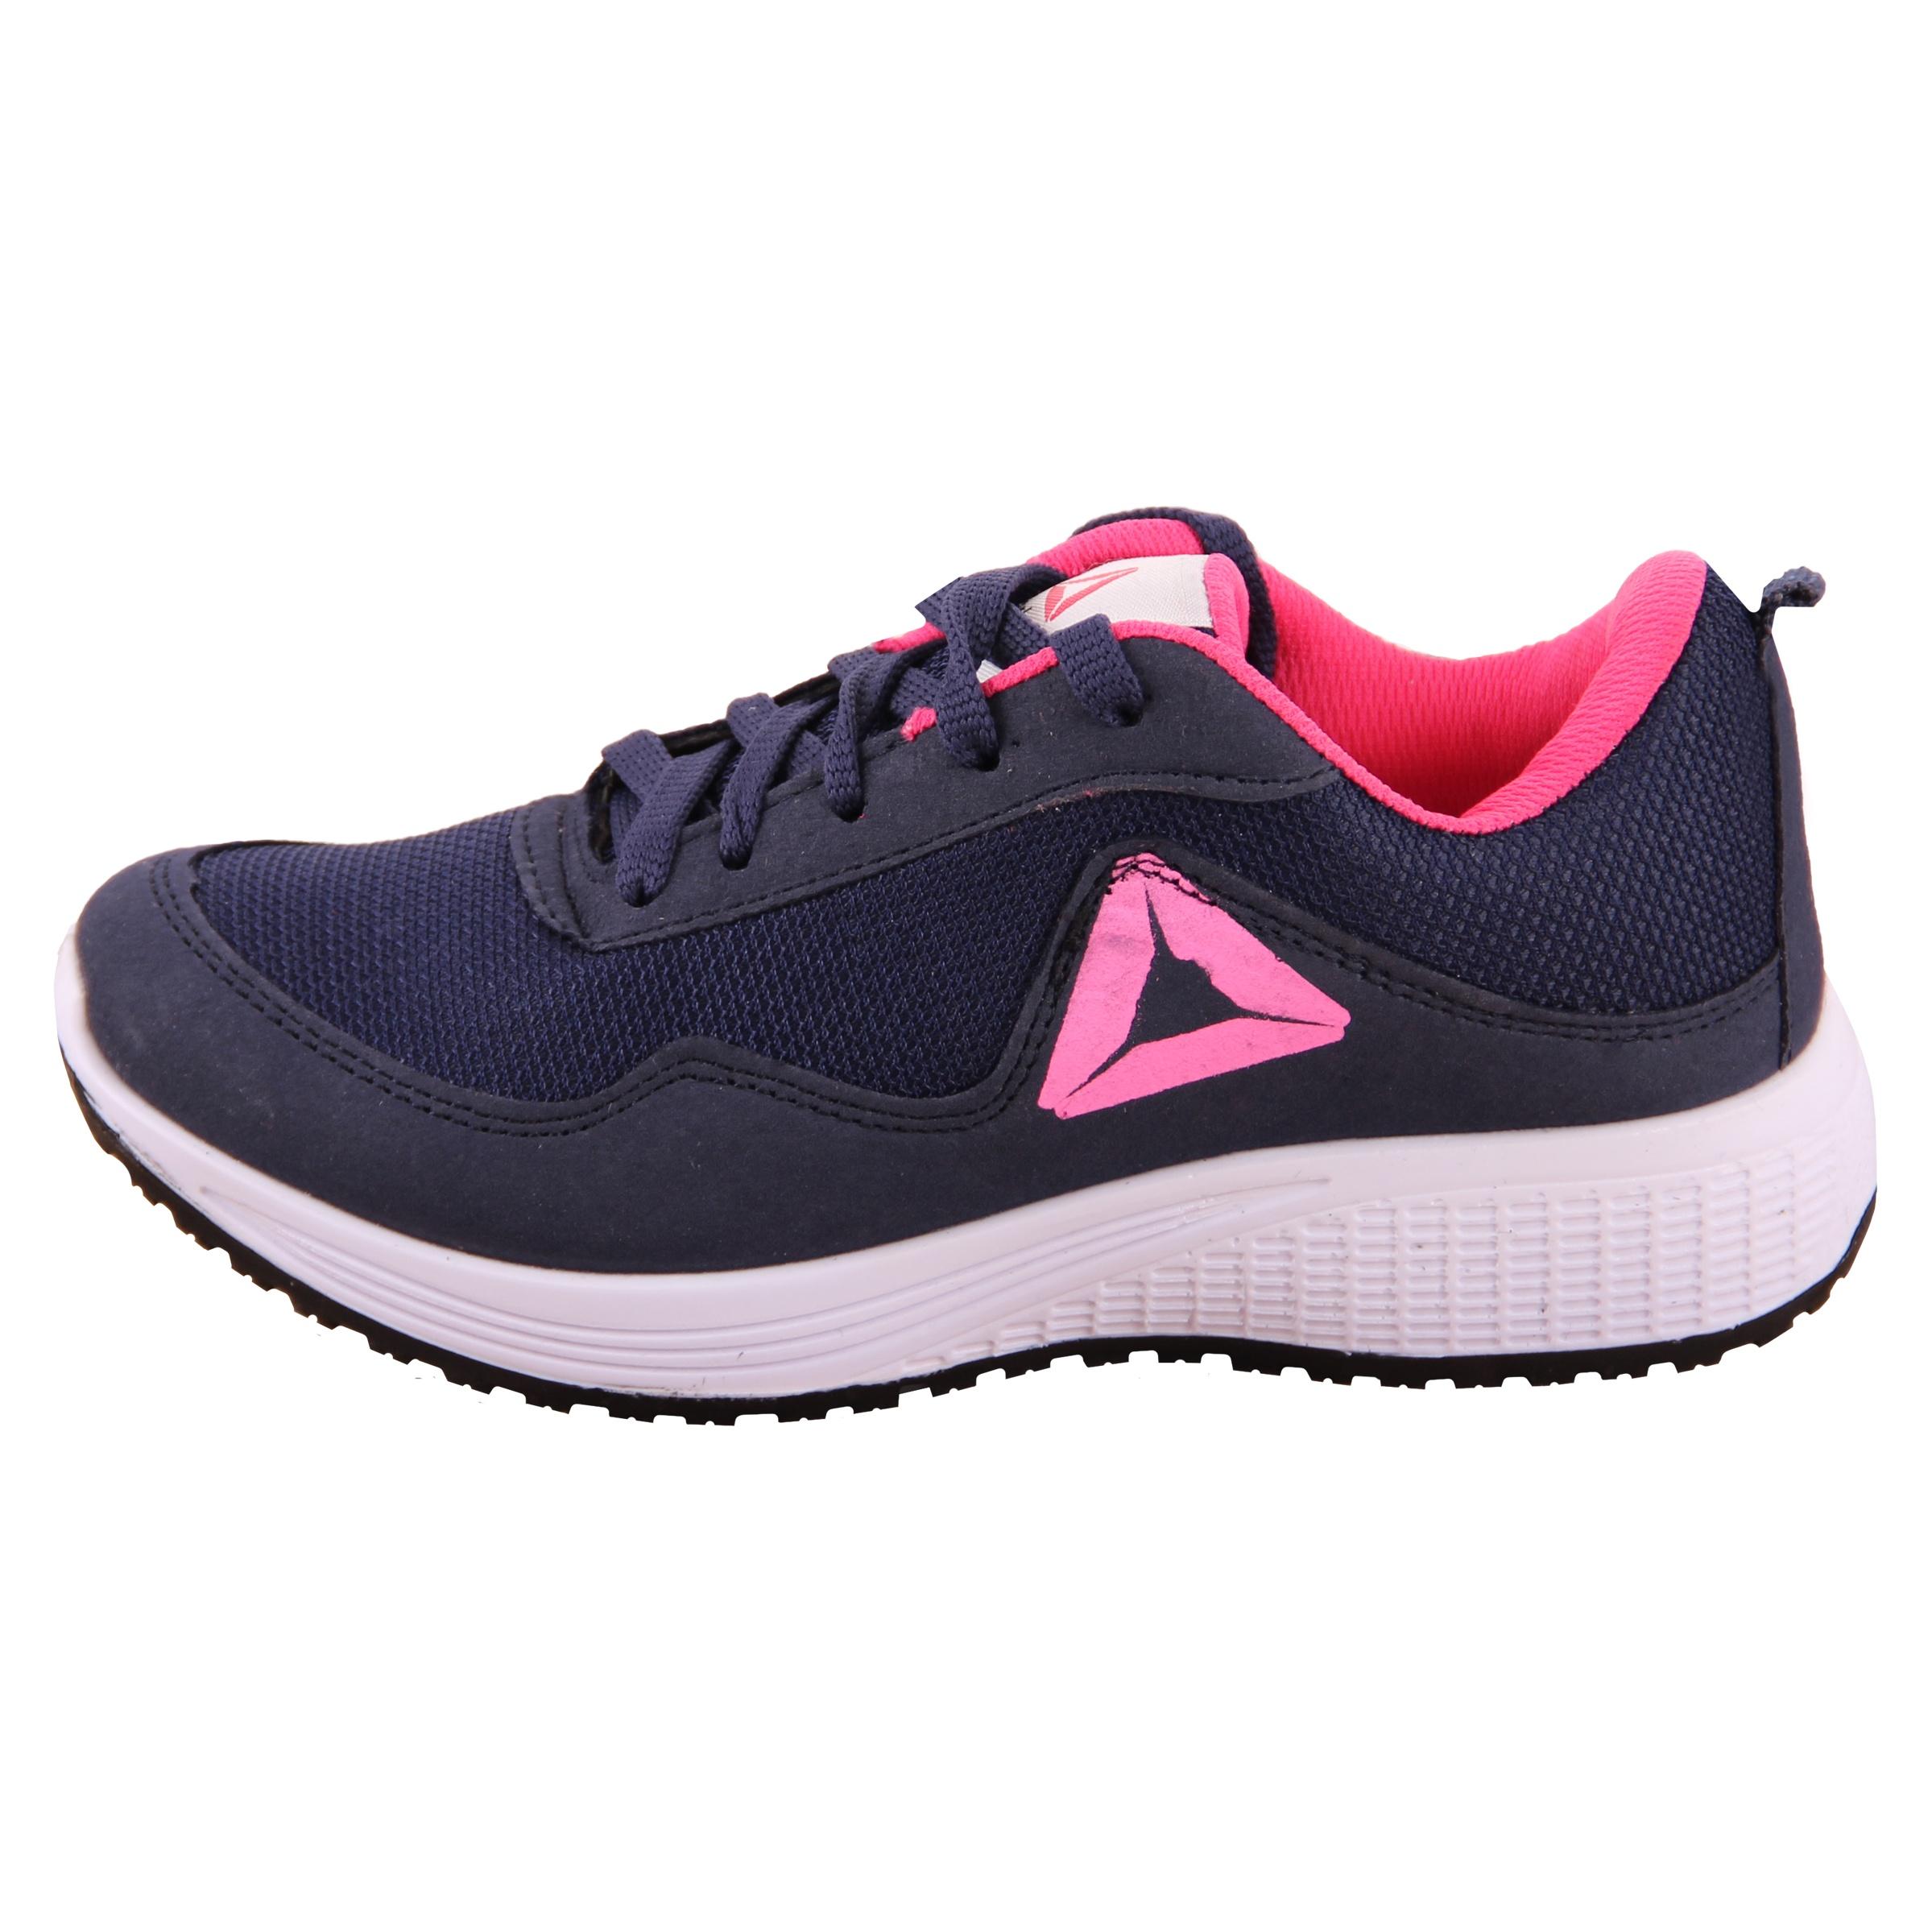 کفش مخصوص پیاده روی زنانه کد 13-2397180